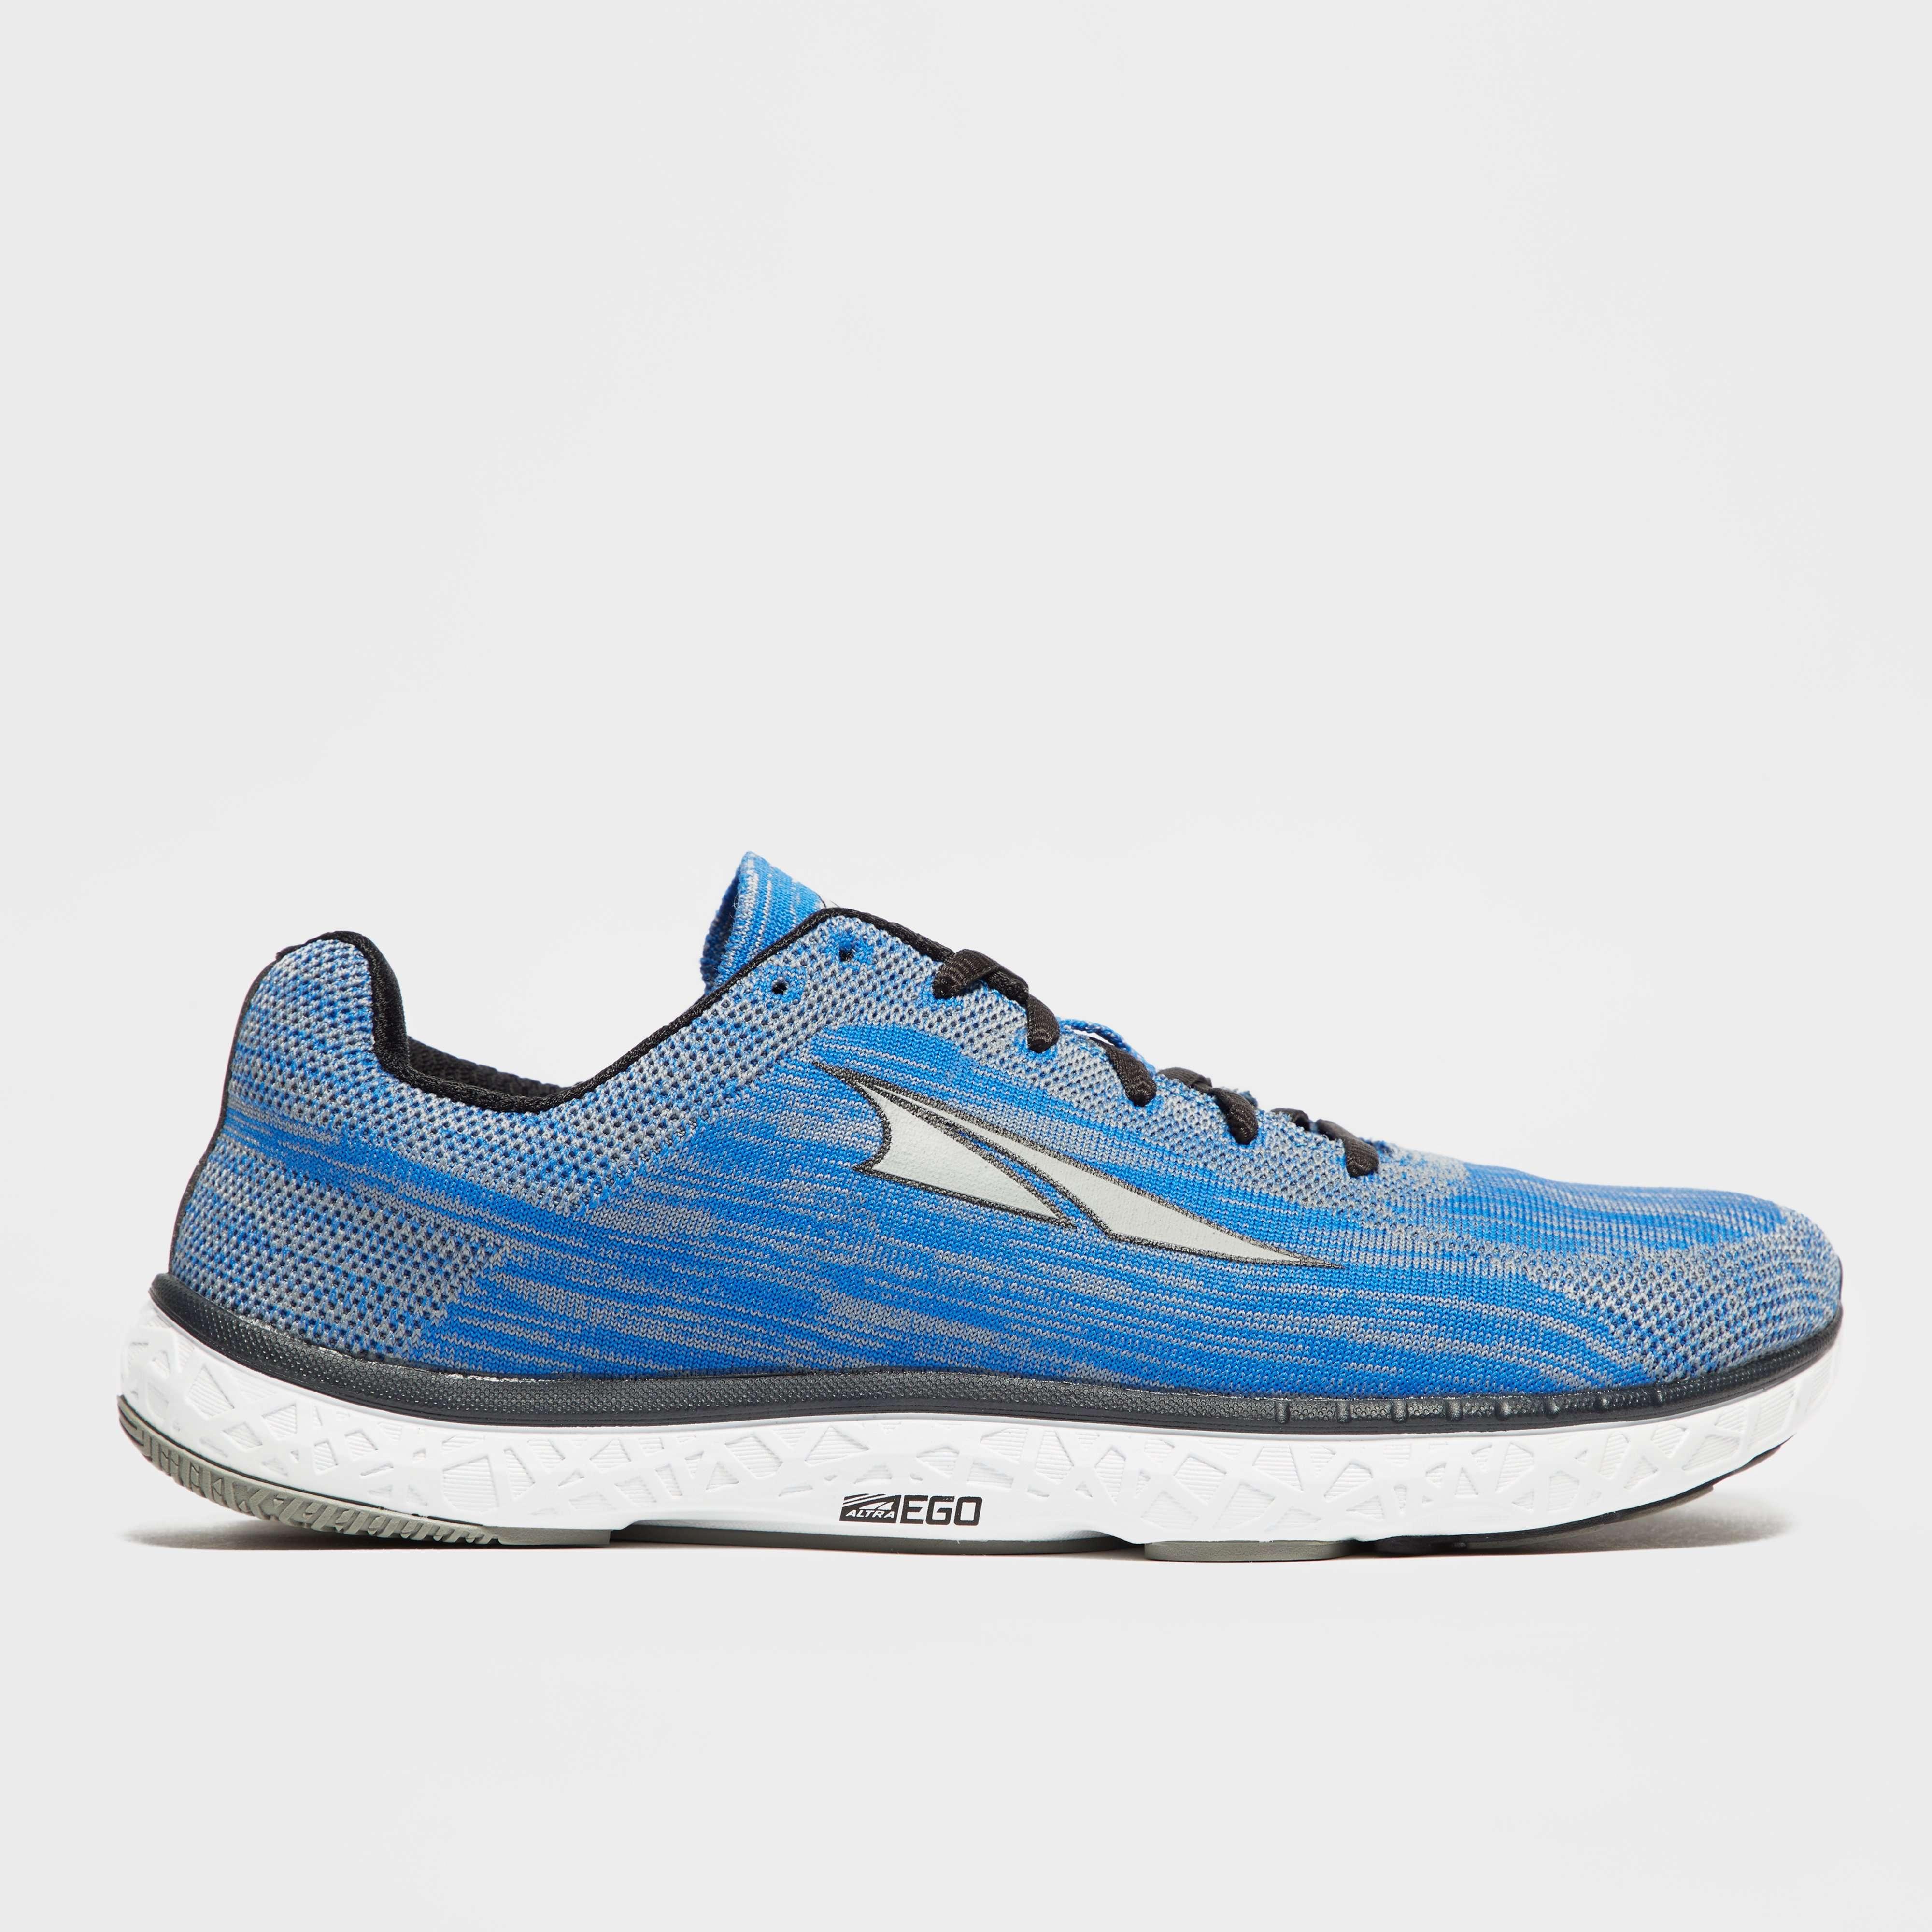 ALTRA Men's Escalante 1.5 Running Shoe